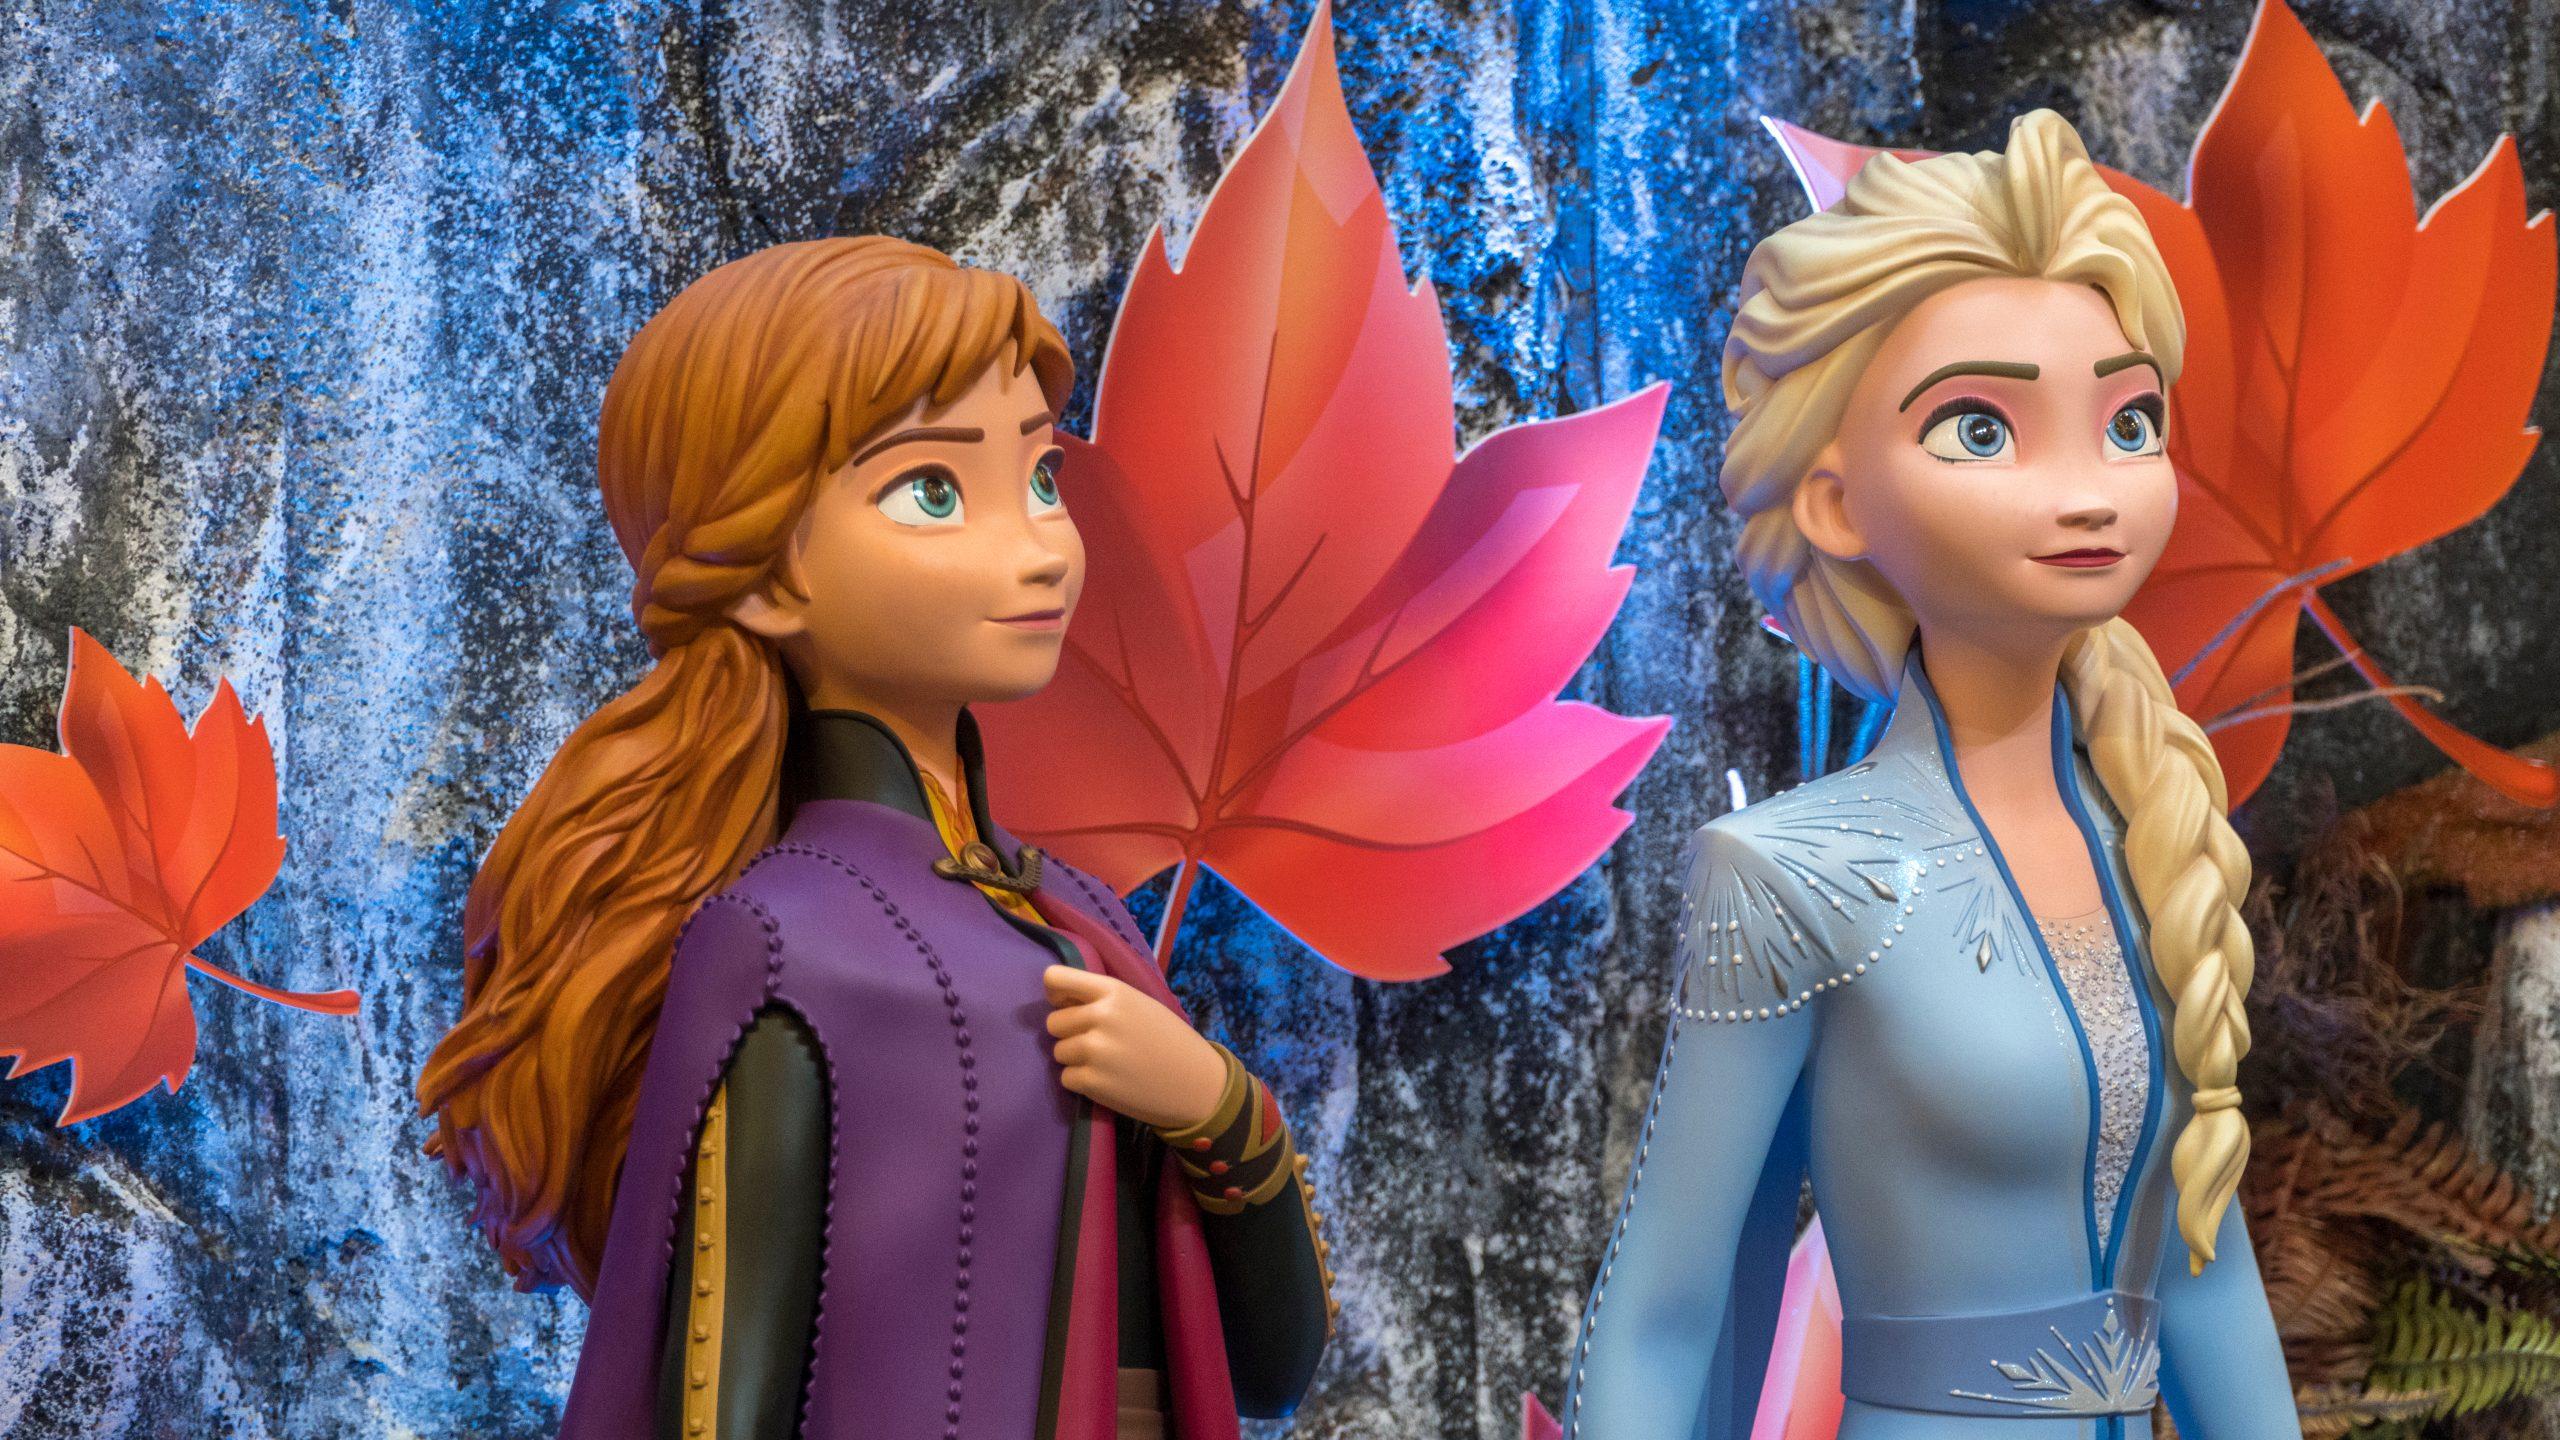 Anna and Elsa Frozen Figurine